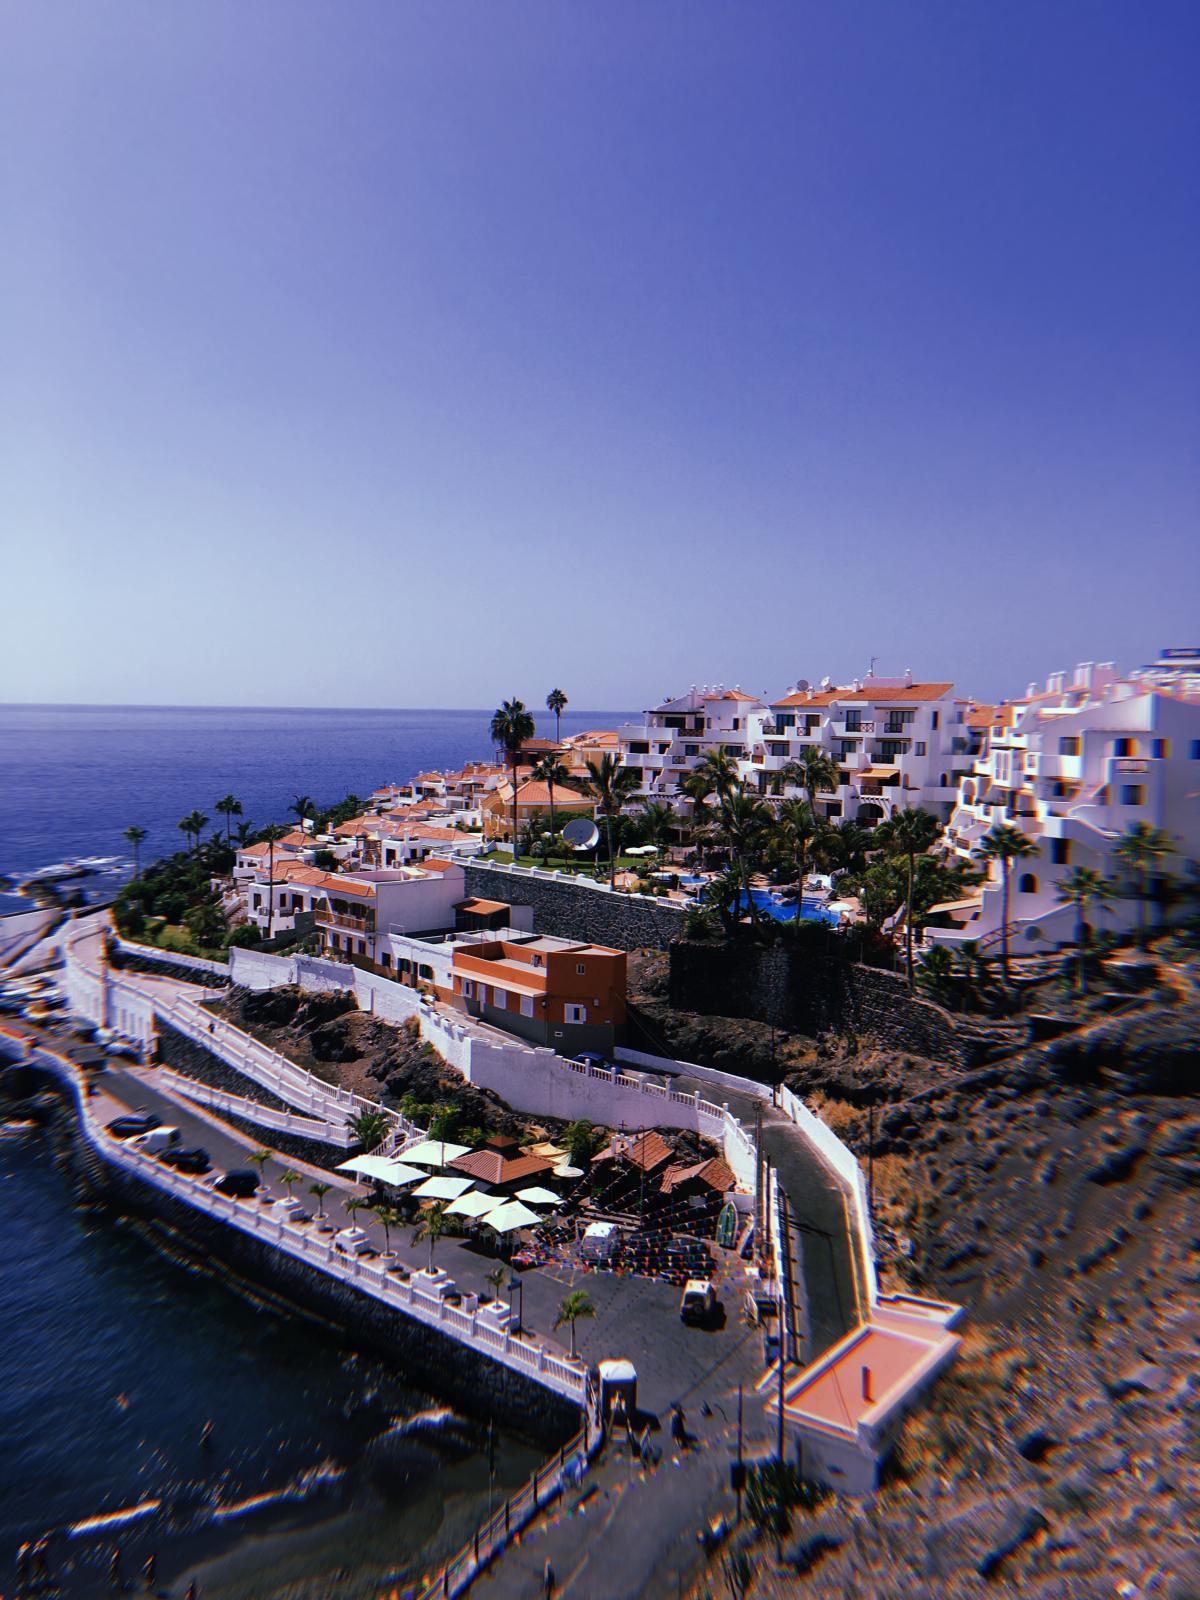 Классическая средиземноморская архитектура преобладает на курортном острове / Фото Вероника Кордон